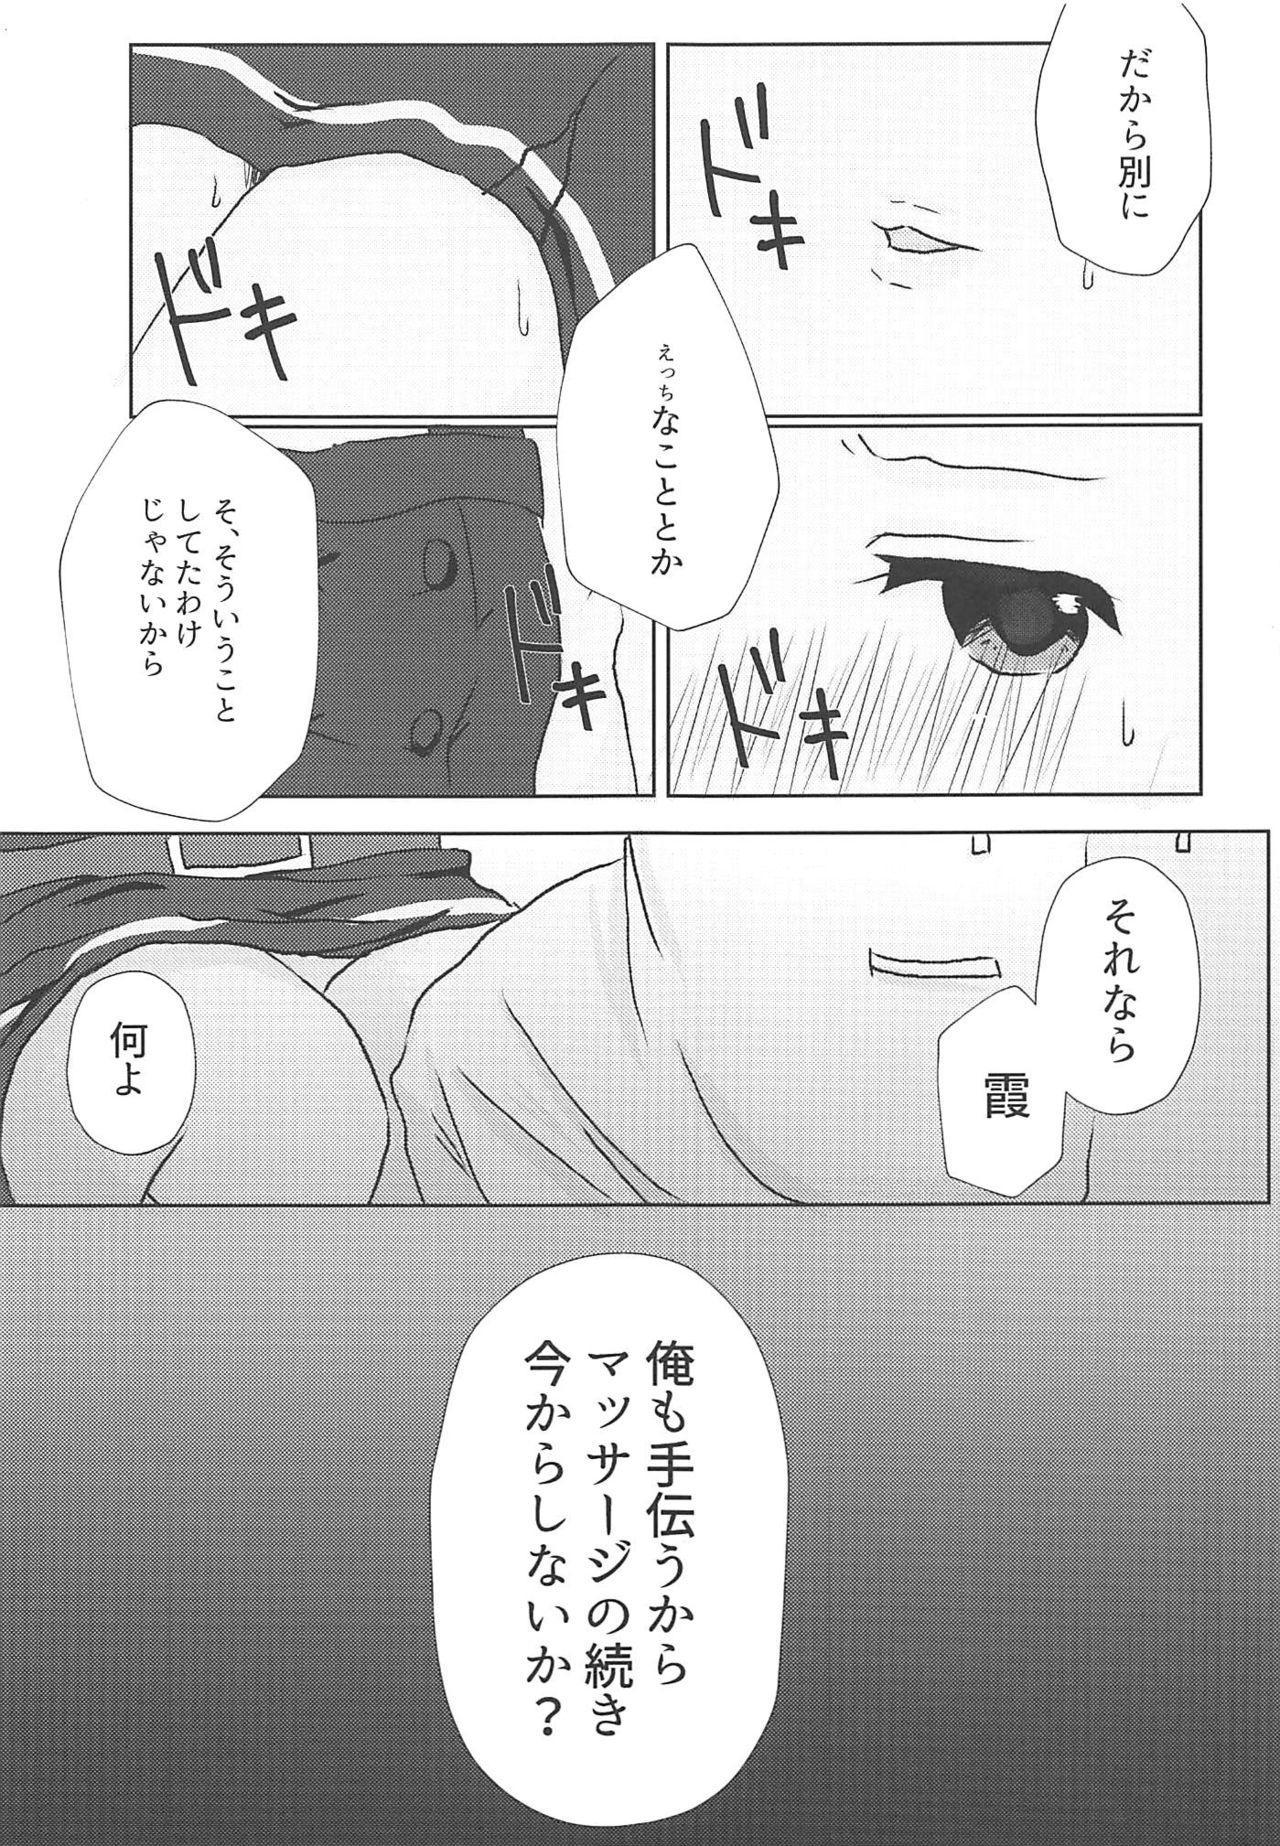 Datte Kore wa Asashio-gata Senyou Chou Massage dakara Hazukashiku nanka Naittaraa! 7